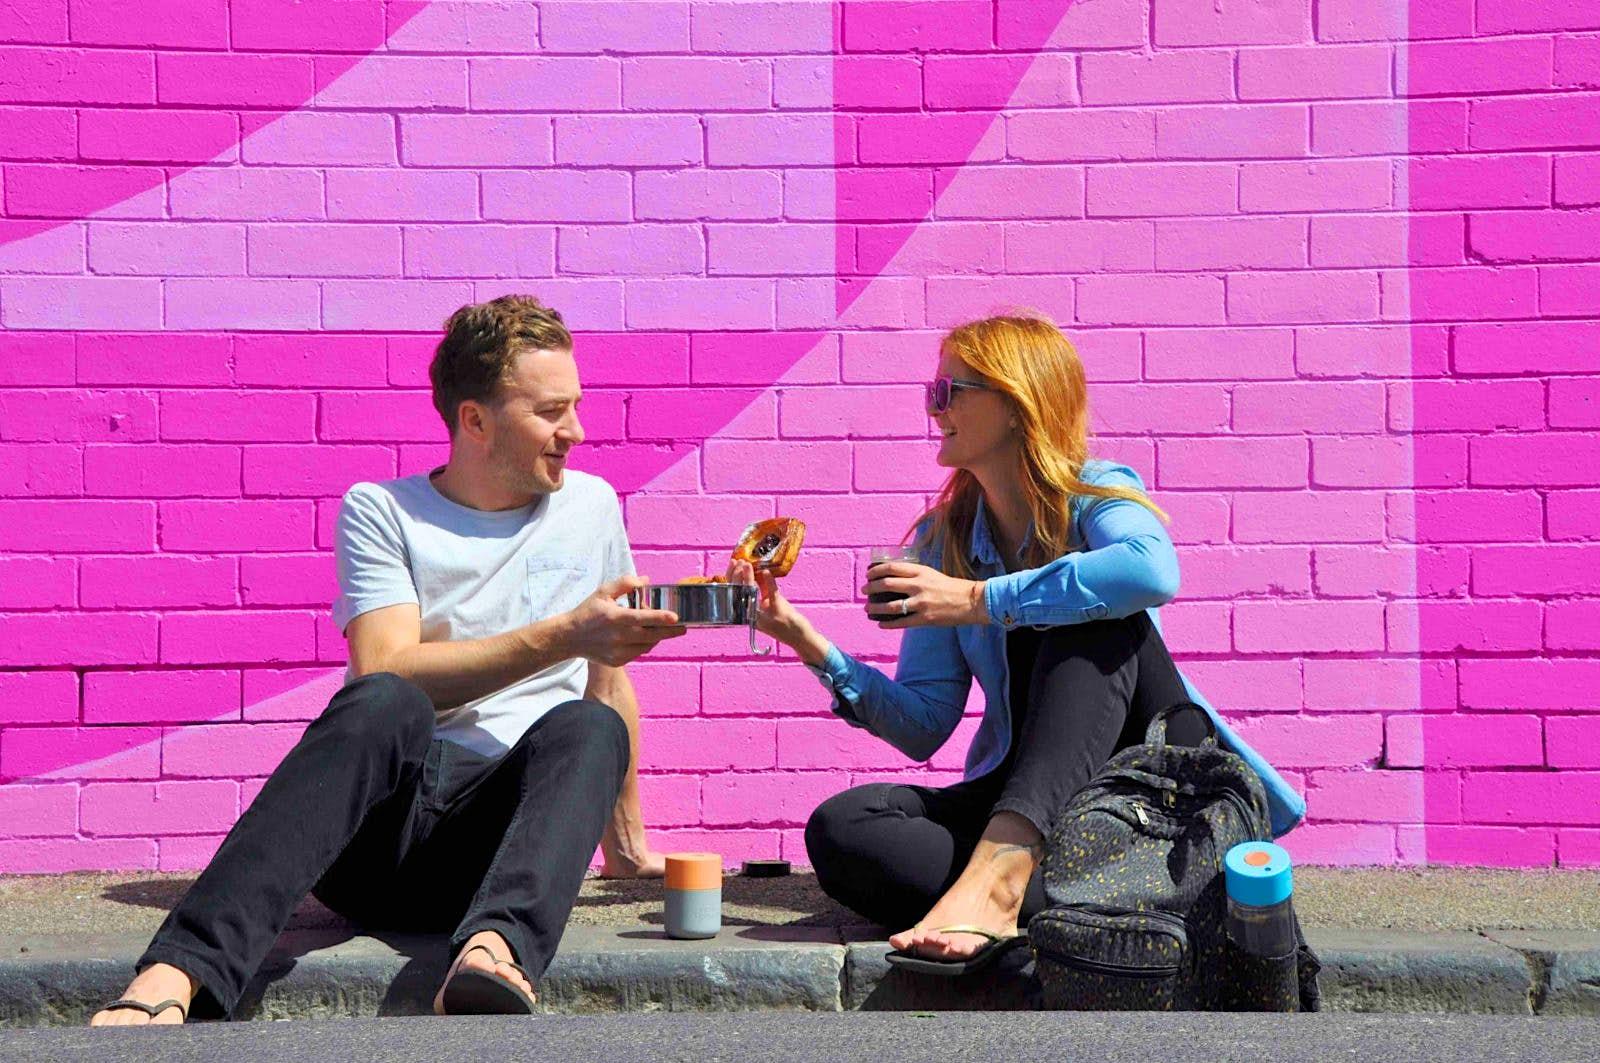 Die Blogger für nachhaltigen Lebensstil, David Meadway und Vicky Ellmore